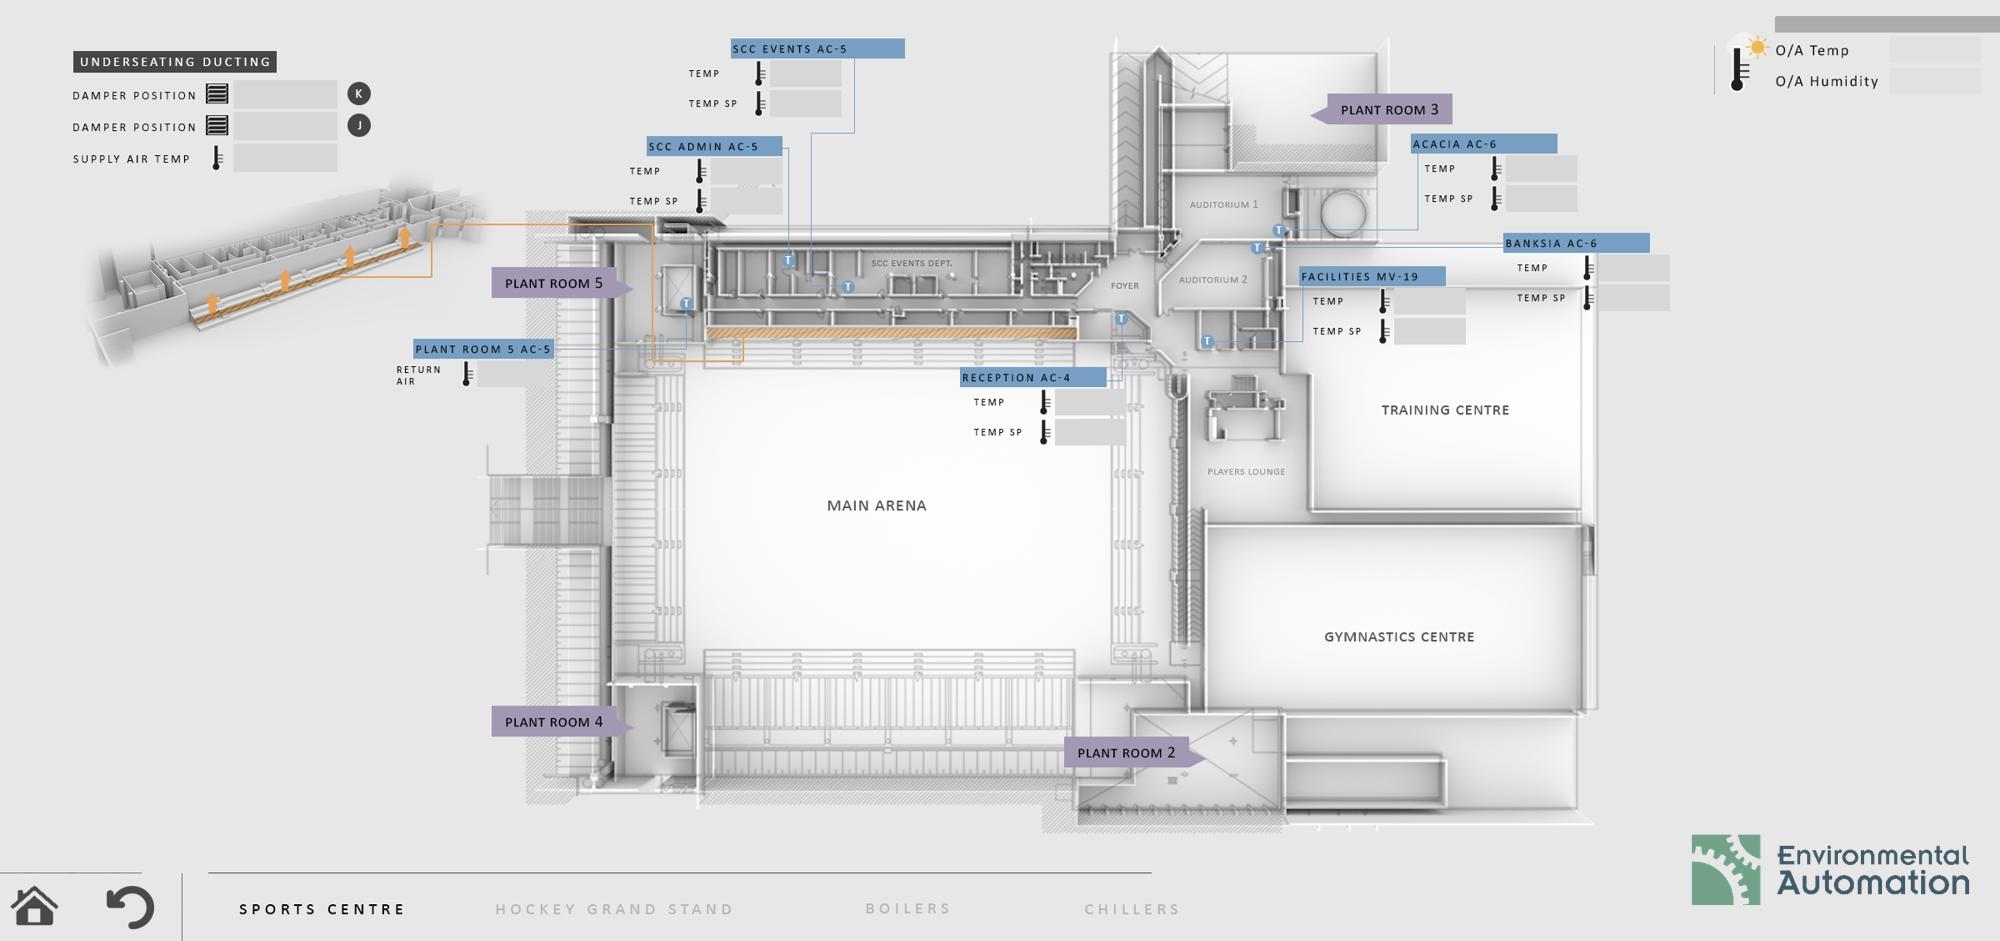 Visualisation Image 2 - Floorplan